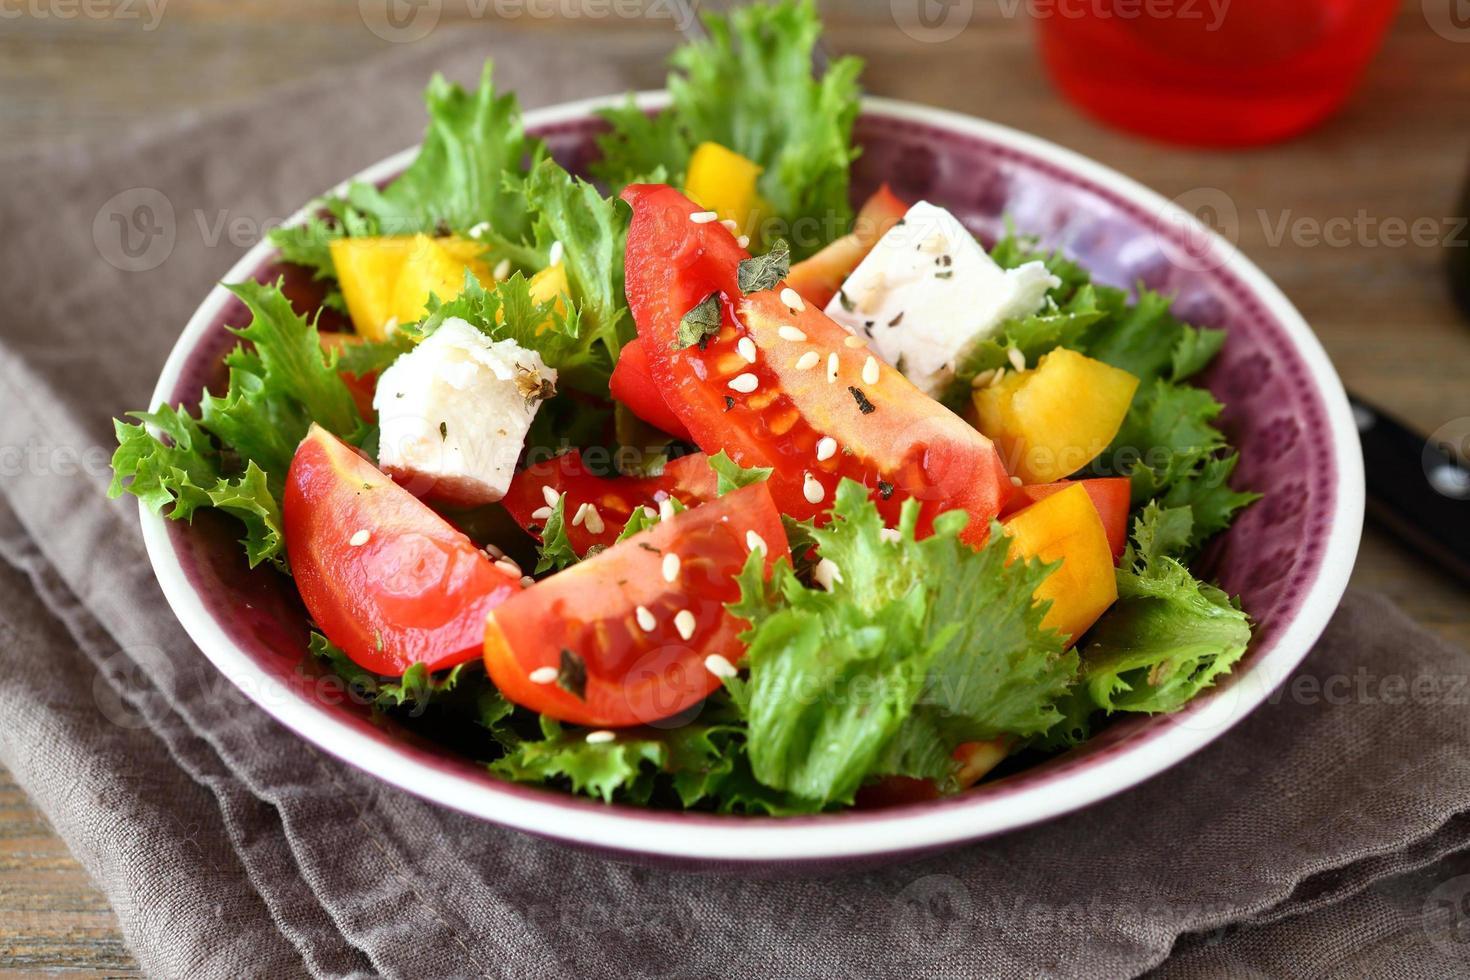 sallad med tomater, ost och greener foto